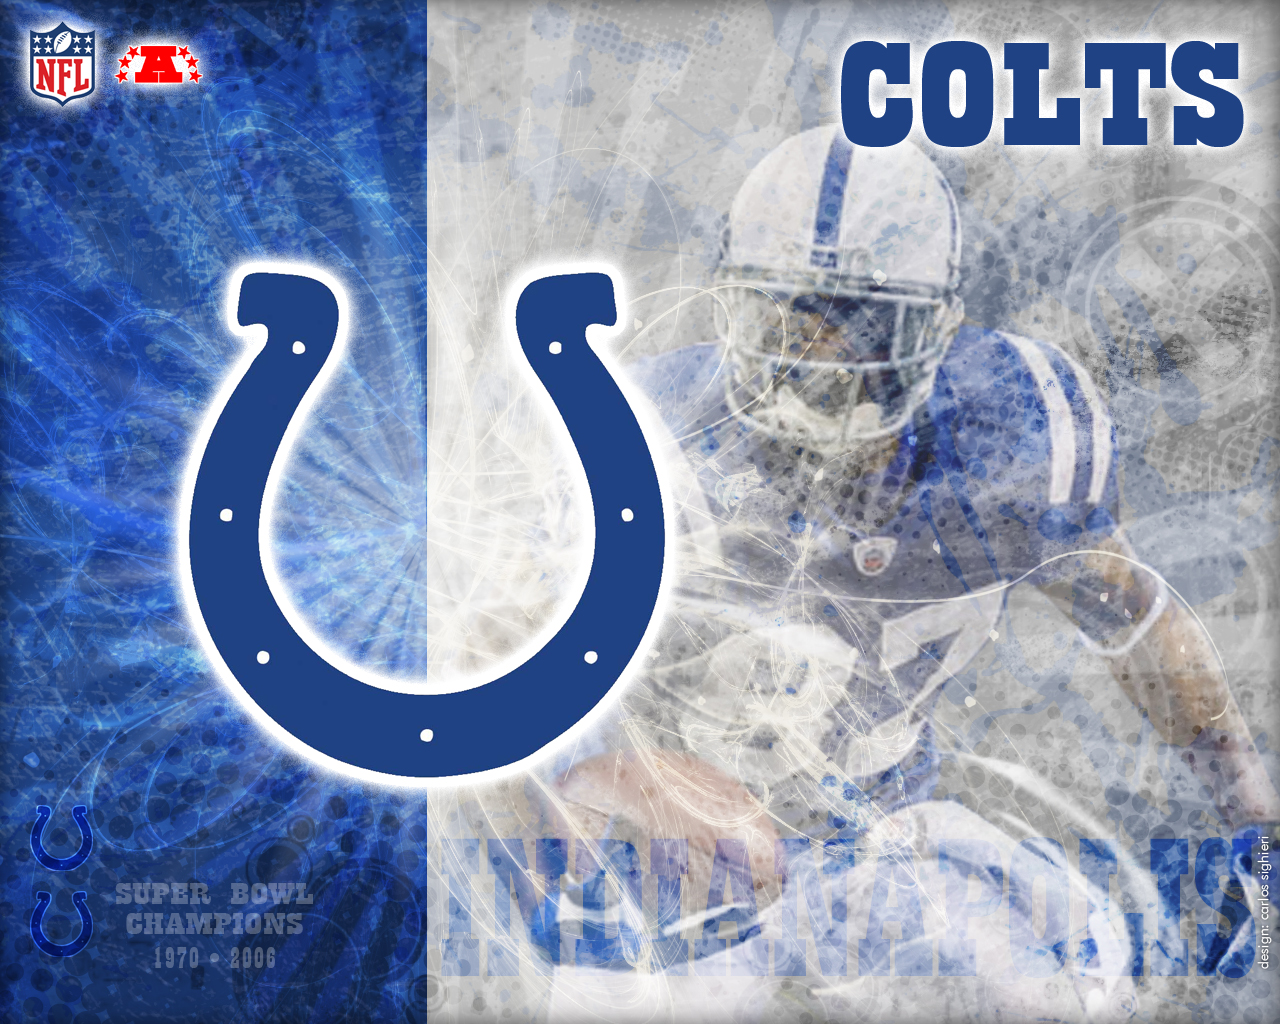 Indianapolis Colts wallpaper desktop wallpapers HD Wallpaper Sport 1280x1024